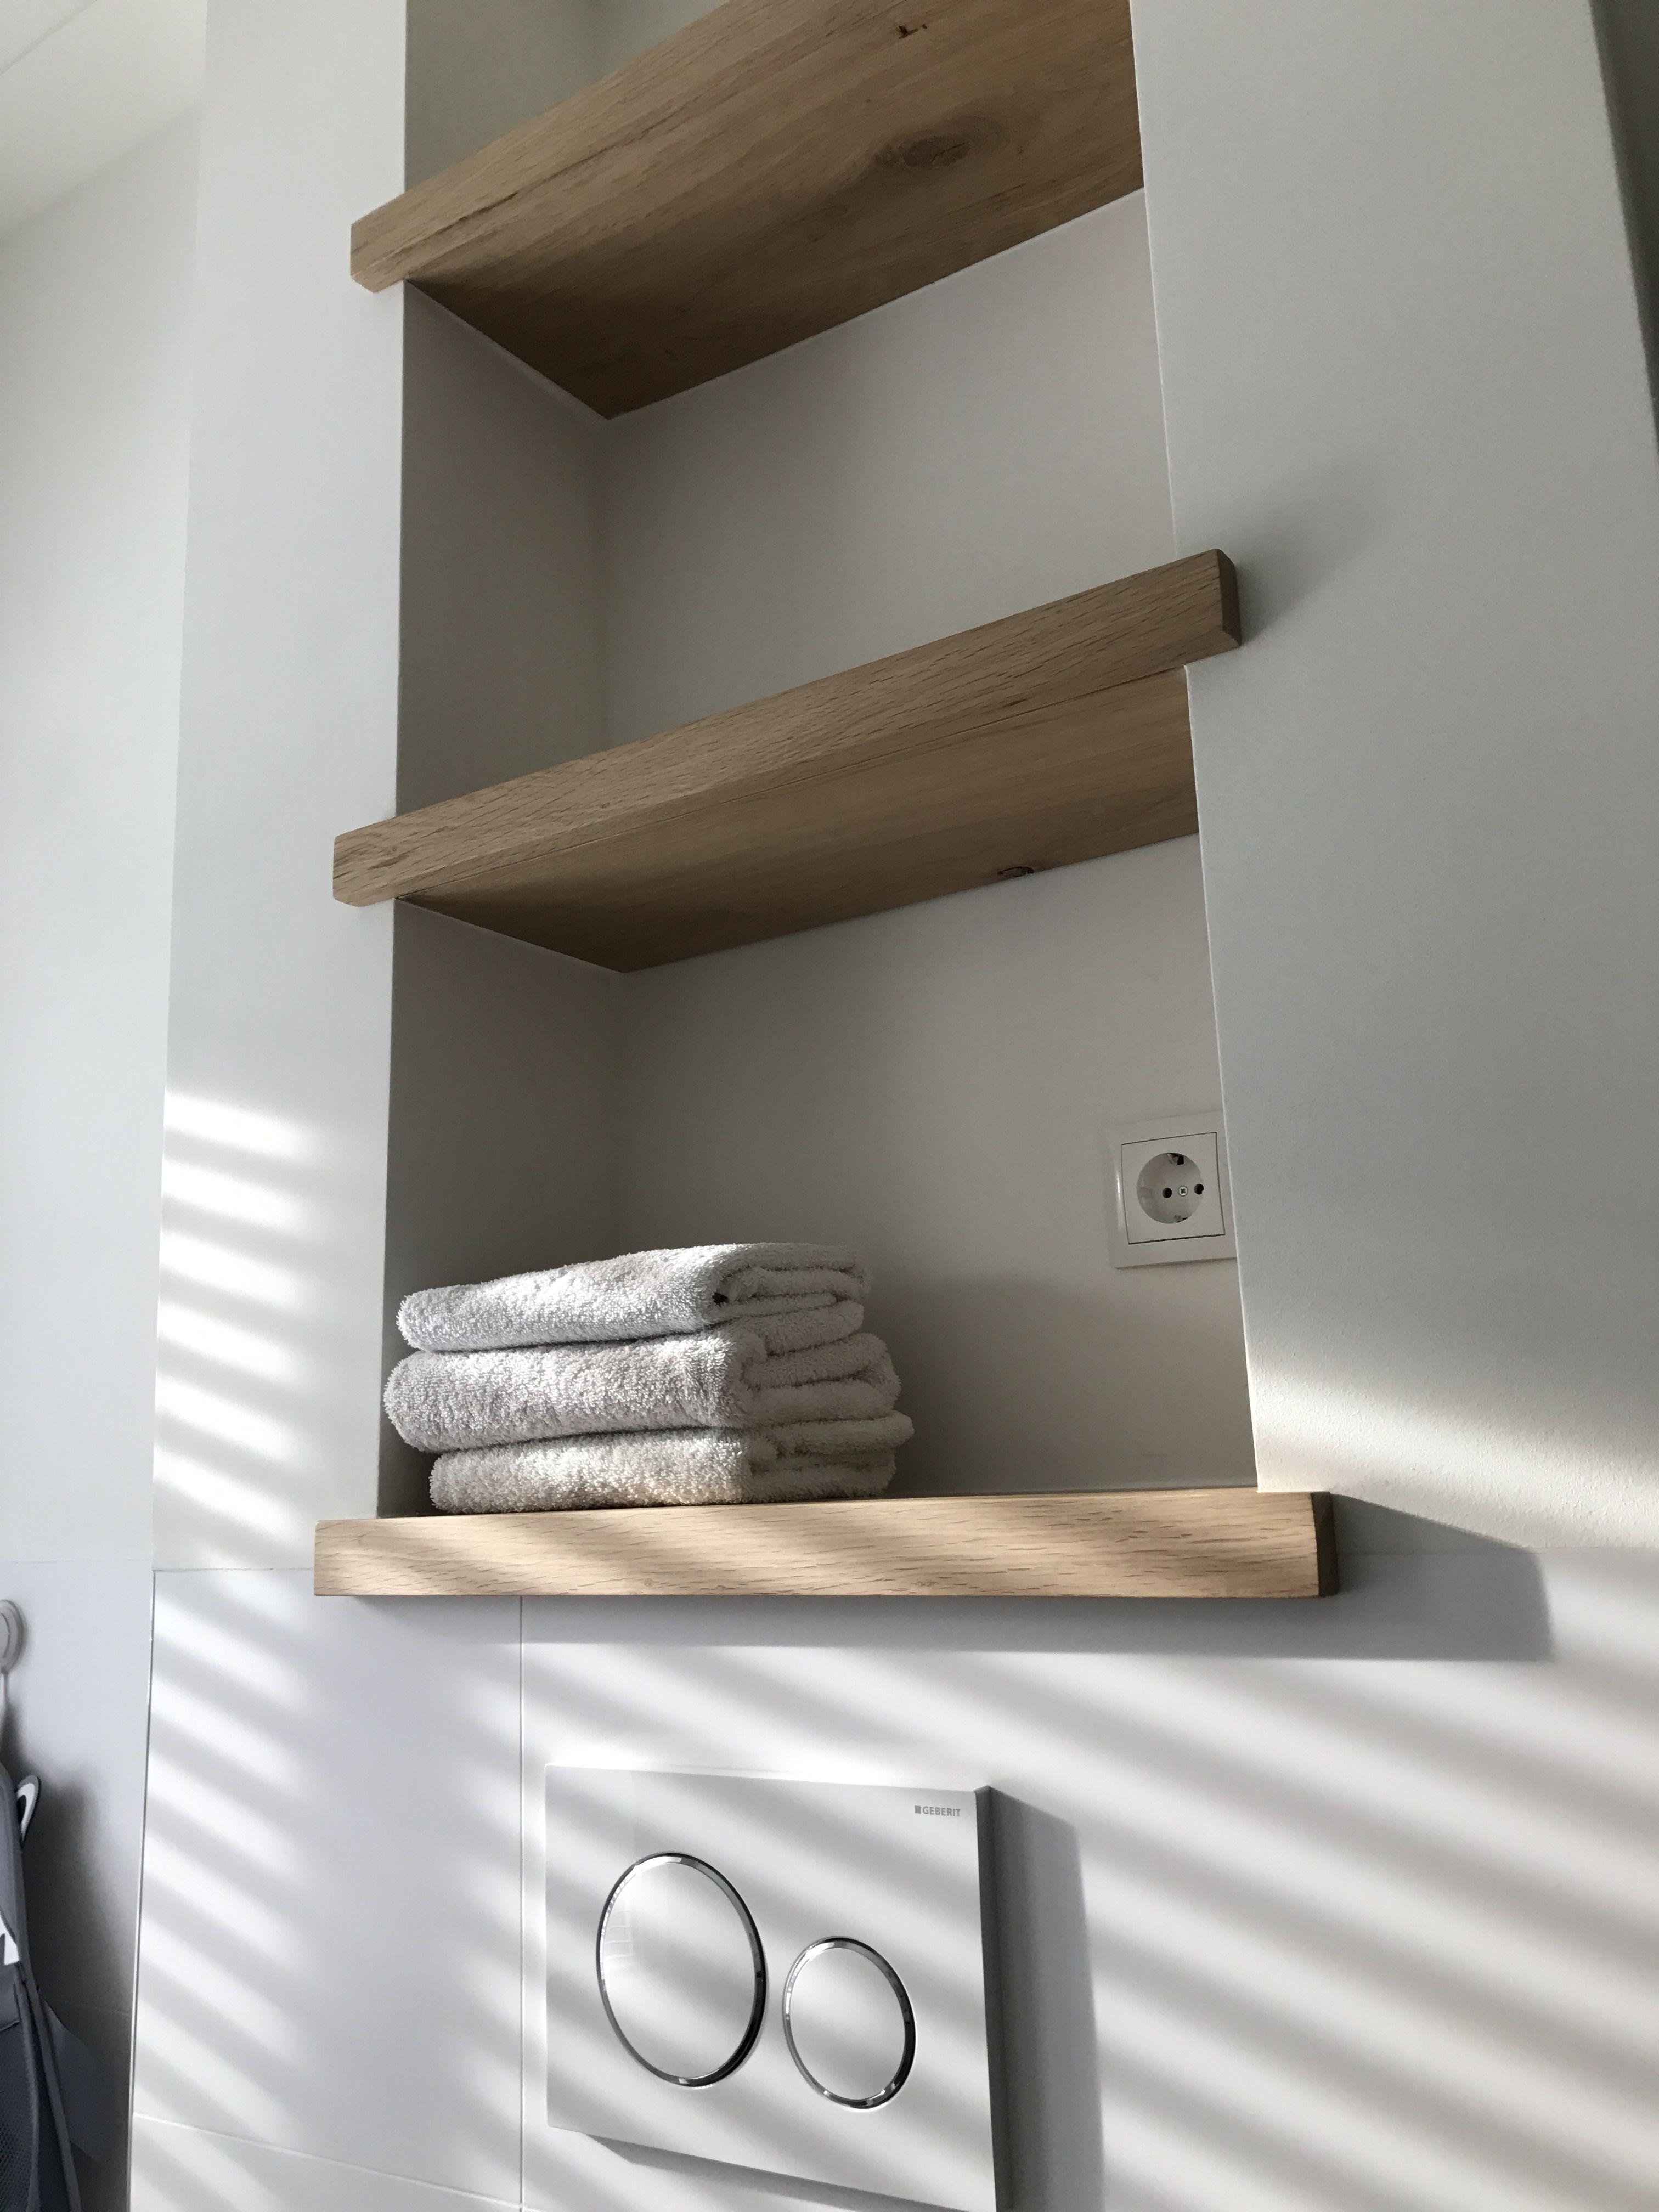 Populair Planken boven wc in eikenhout gemaakt op maat door Maek meubels @TM65